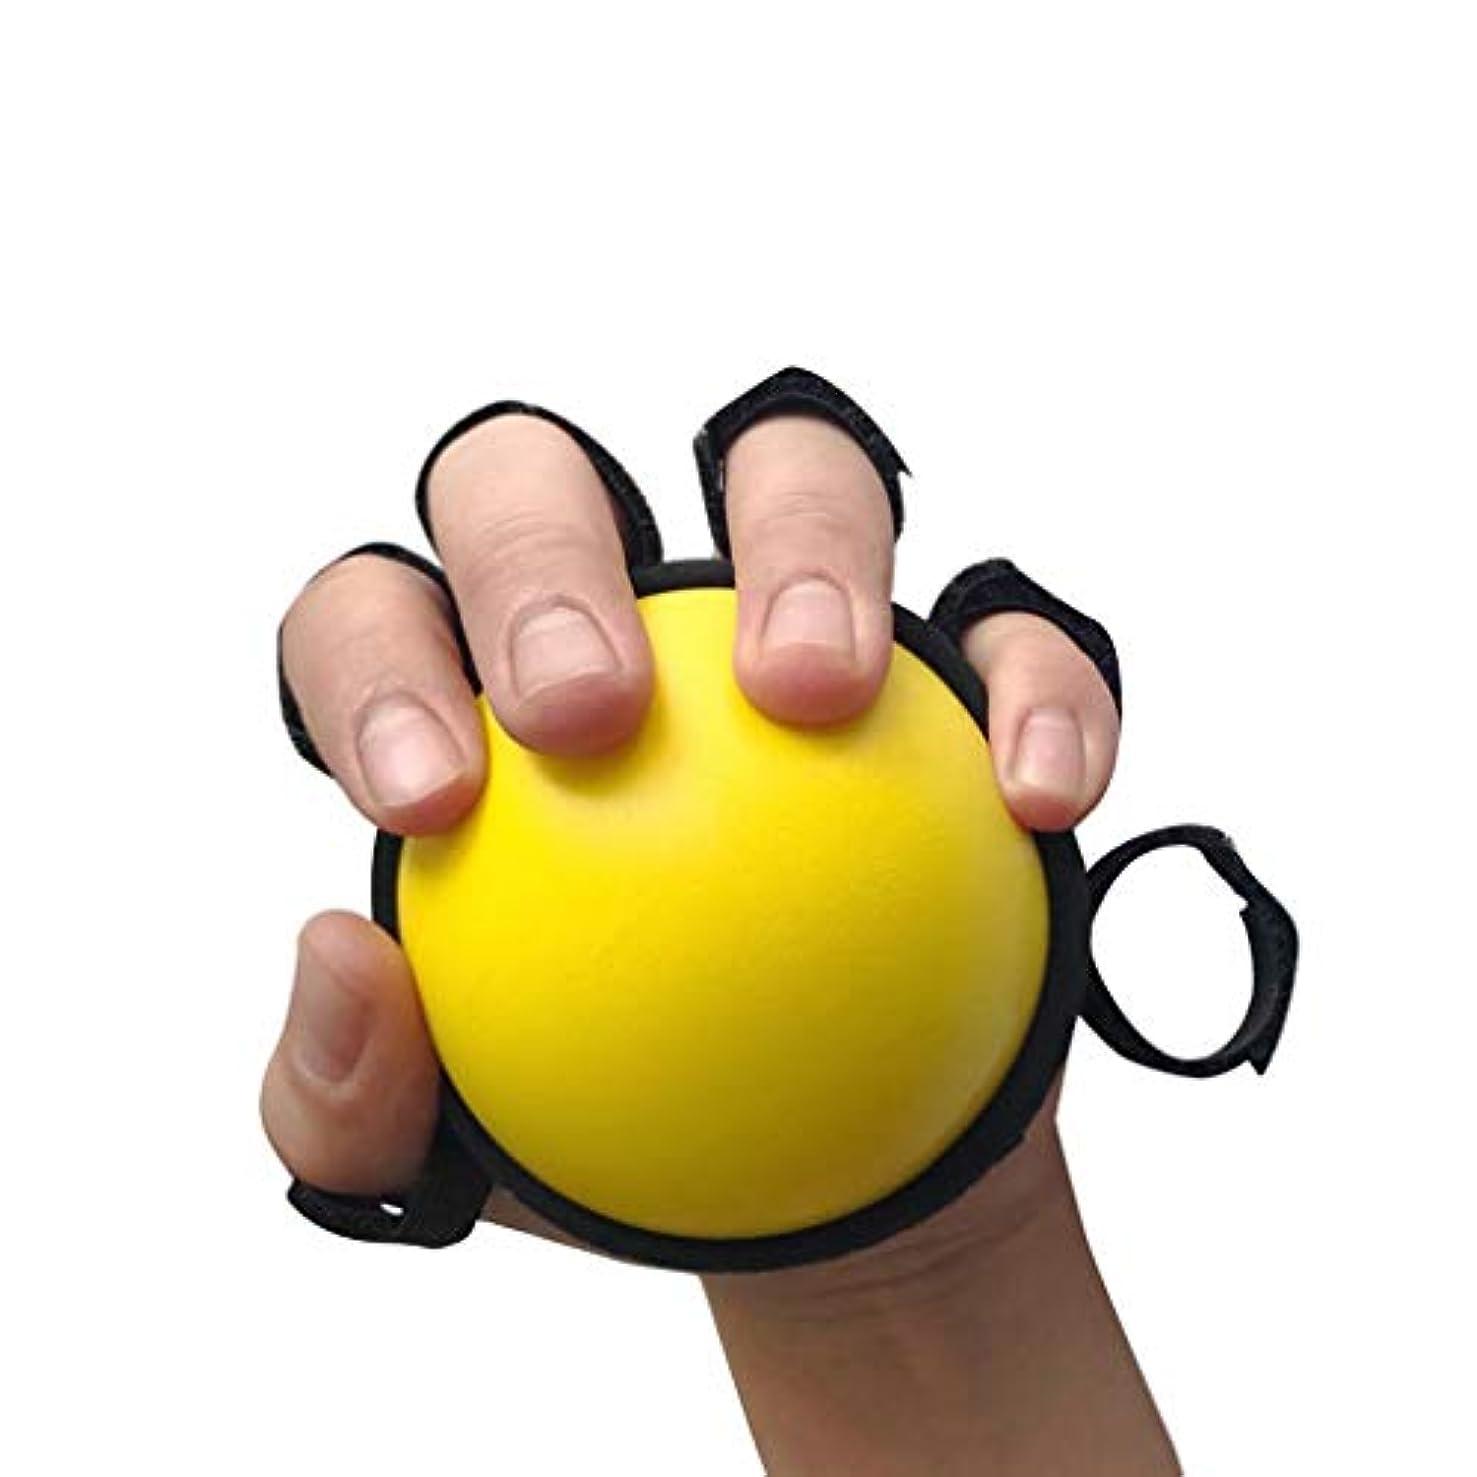 自然統治可能キャンディーストロークを軽減するために、5本指の分離グリップボールリハビリトレーニング、指が自分自身を分離することはできません手にハイ筋肉の緊張を持つ人々のために適した片麻痺、手指し機器は、緩和することができます